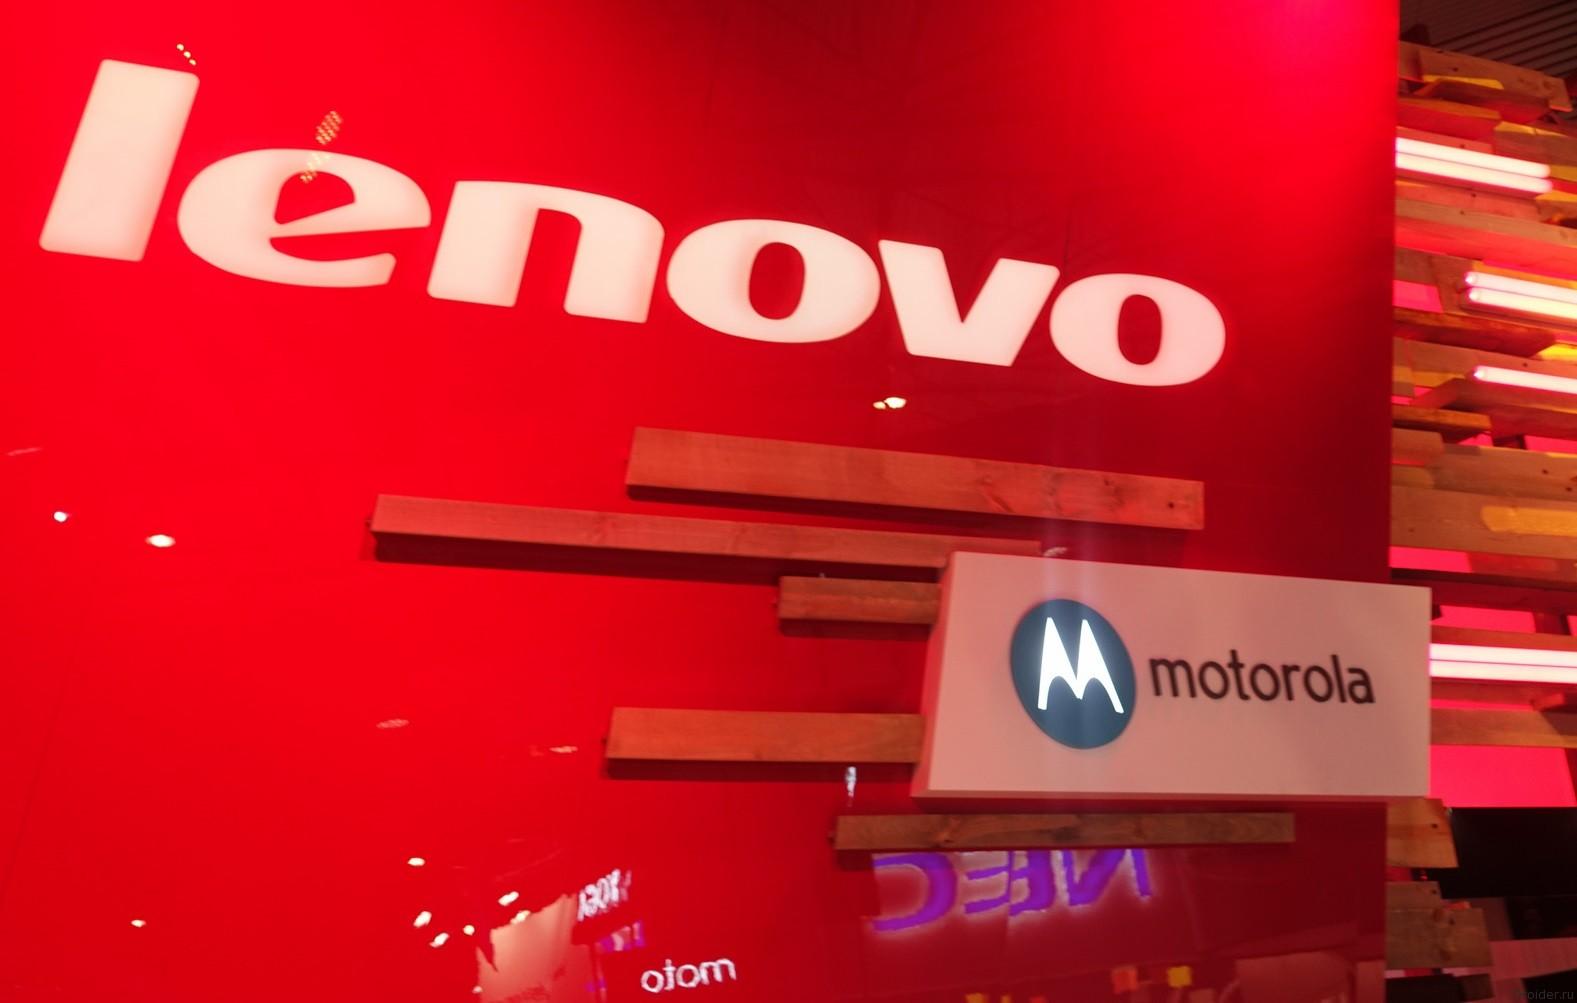 Lenovo + Moto